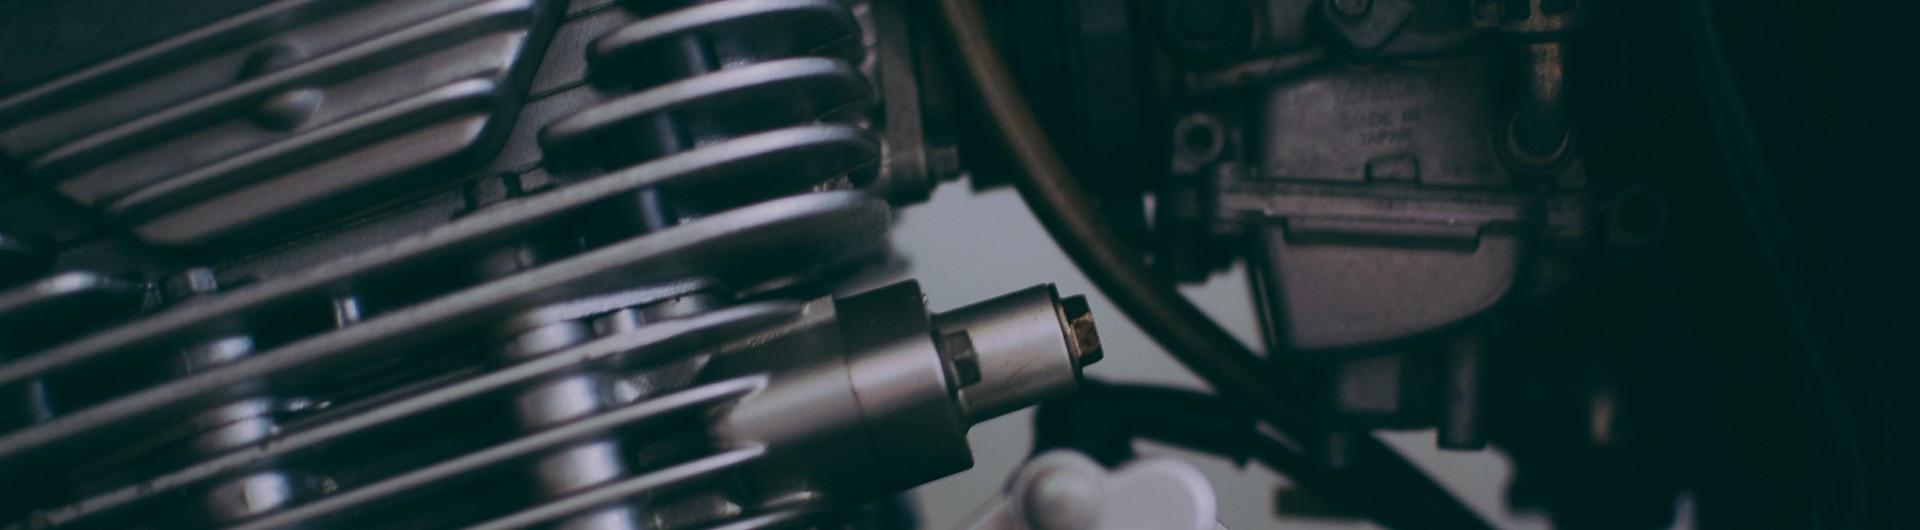 Motoczęści24h - Części i akcesoria motocyklowe